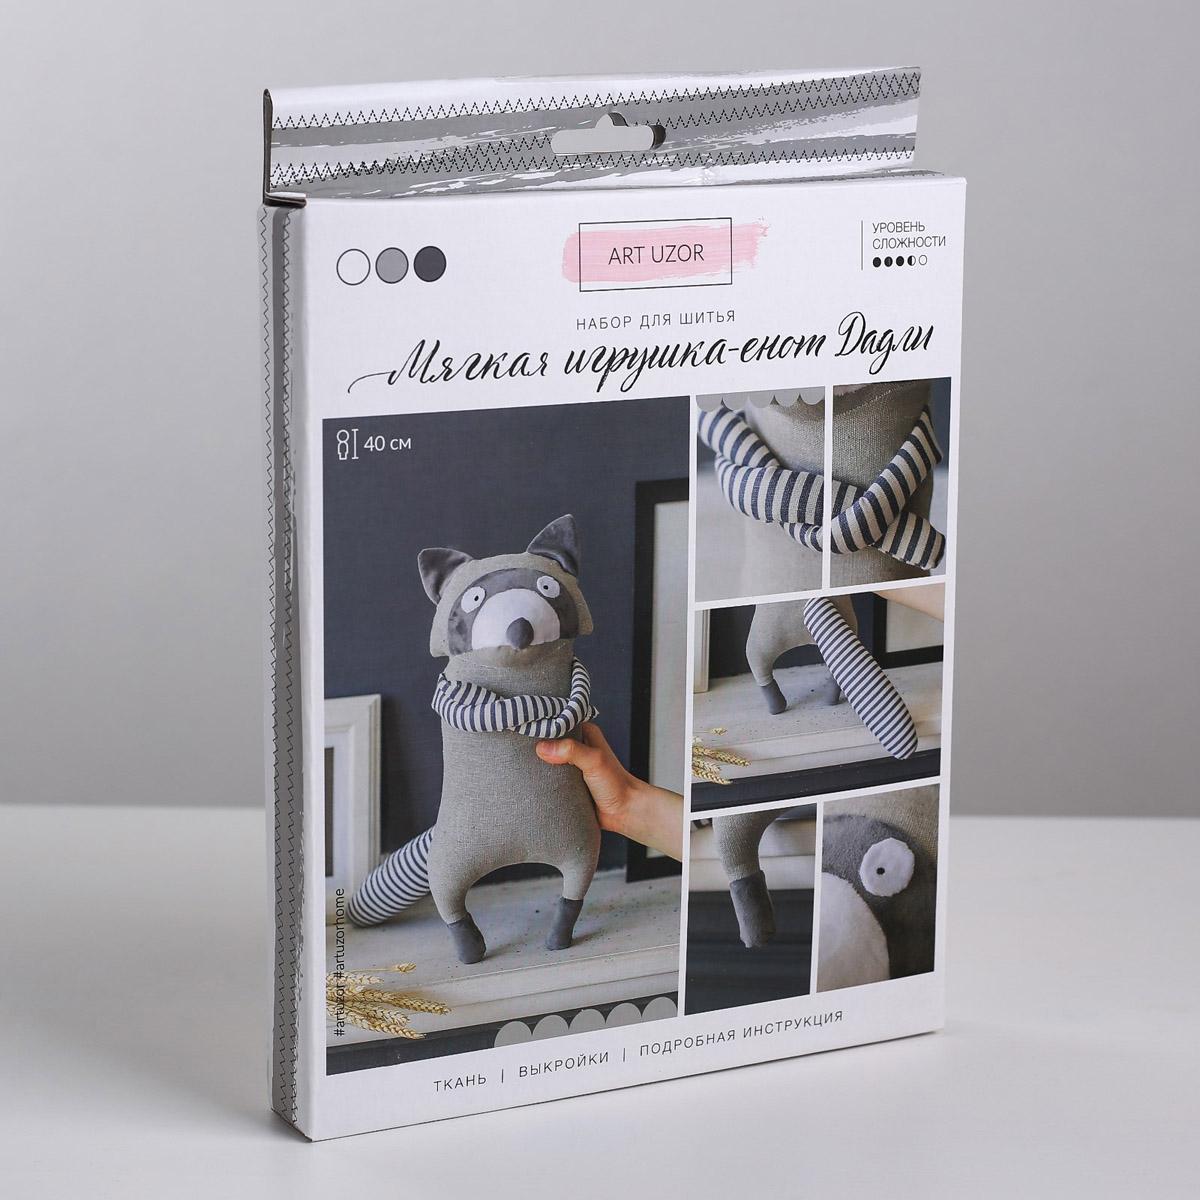 3640001 Мягкая игрушка 'Енотик Дадли', набор для шитья, 18*22*2.5 см